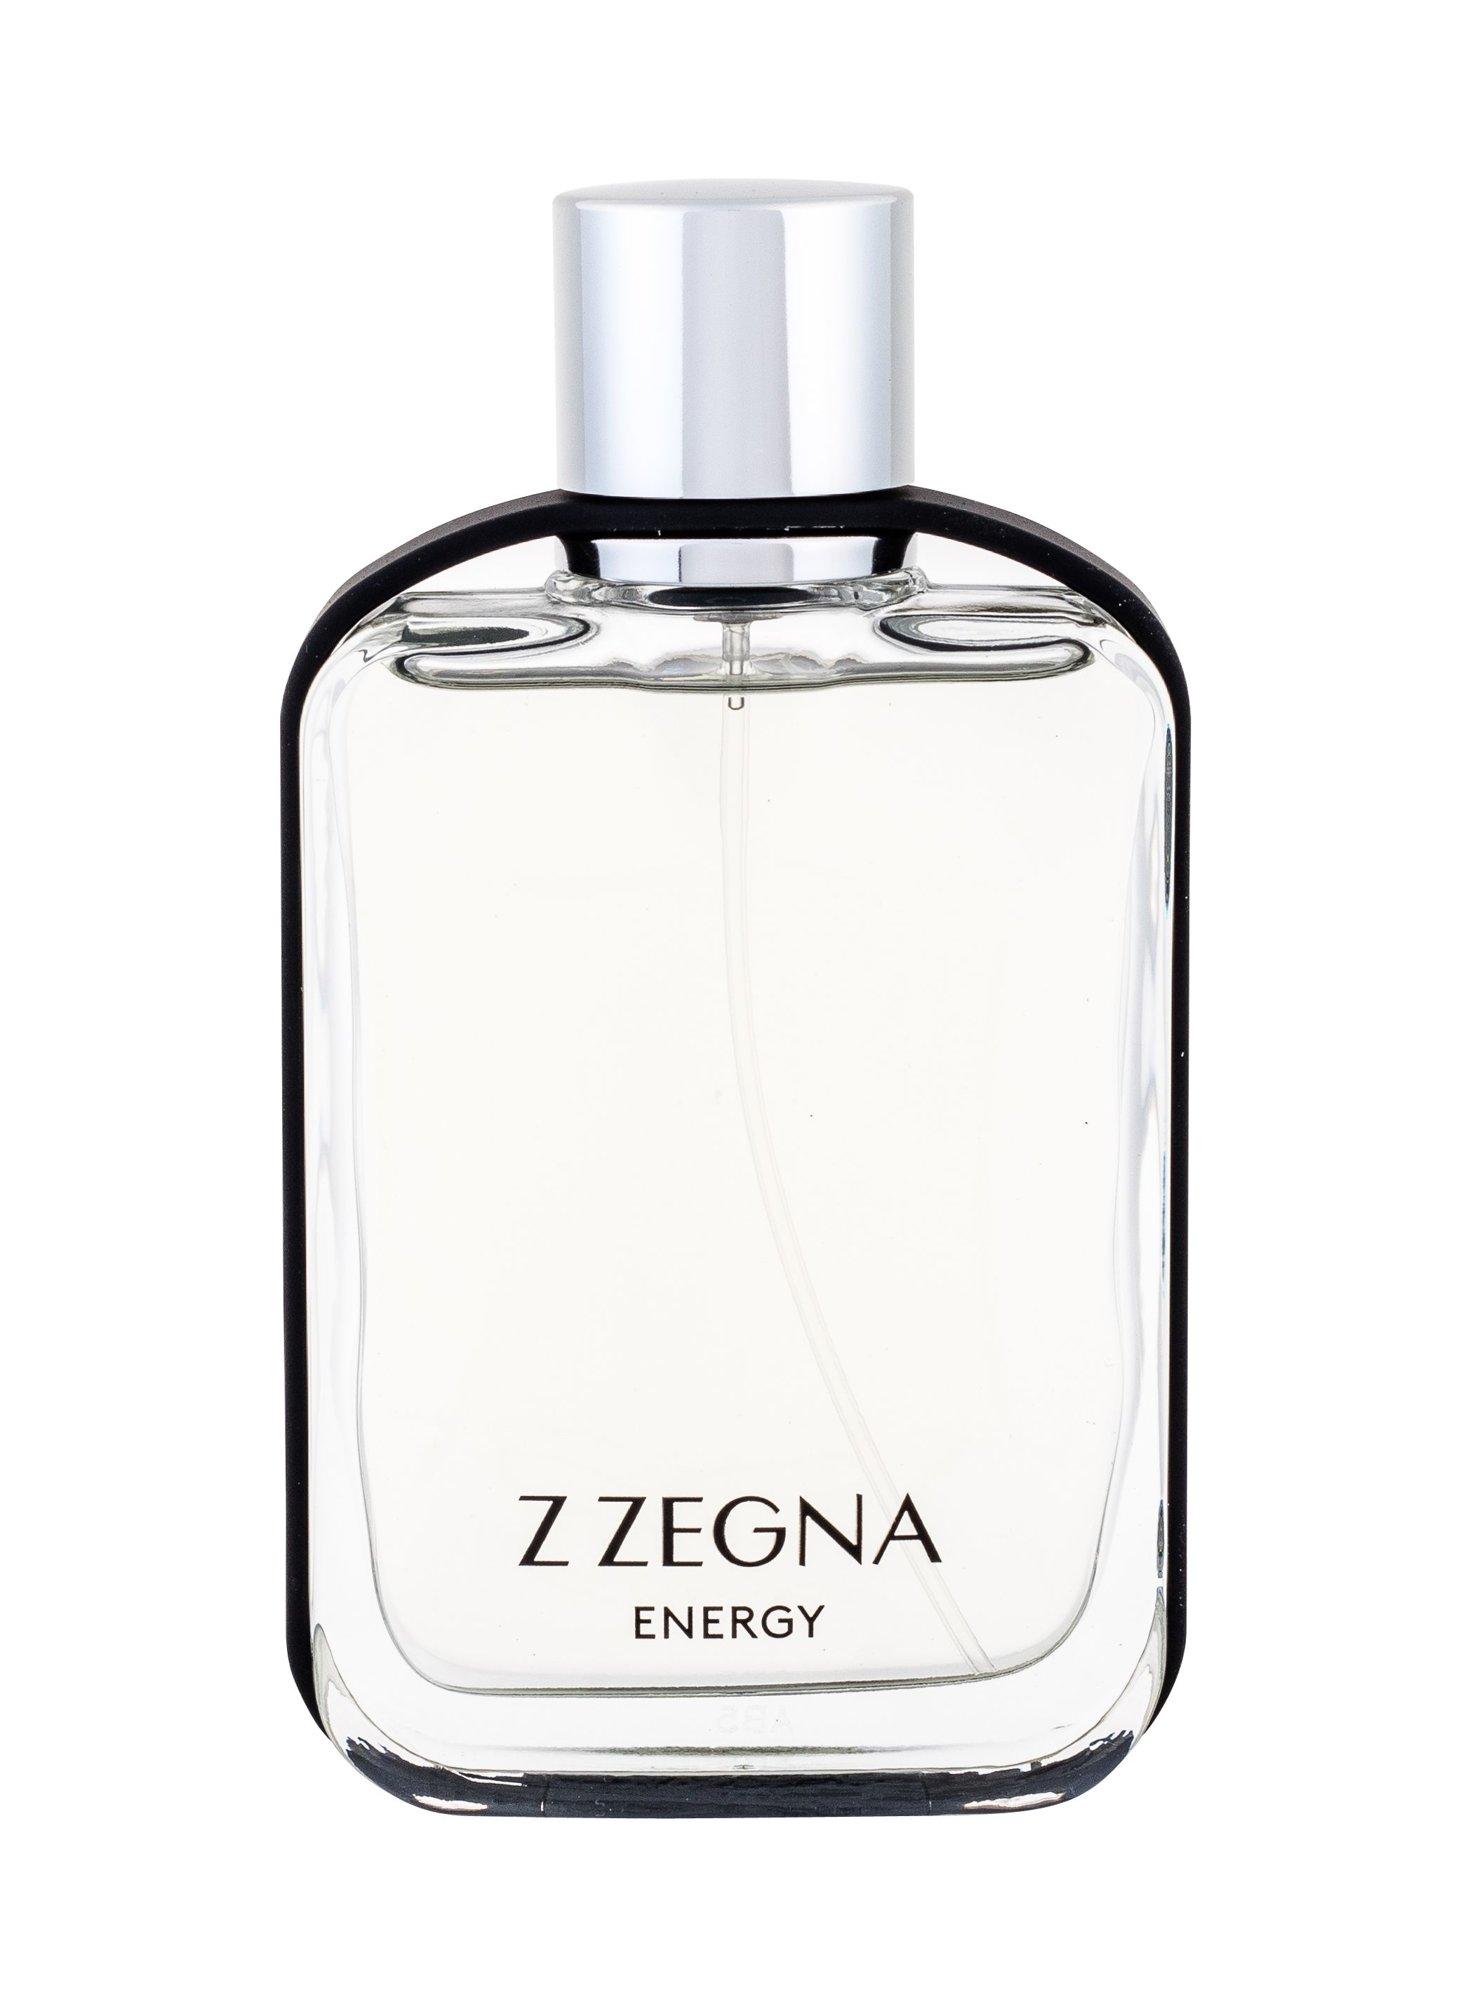 Ermenegildo Zegna Z Zegna Eau de Toilette 100ml  Energy